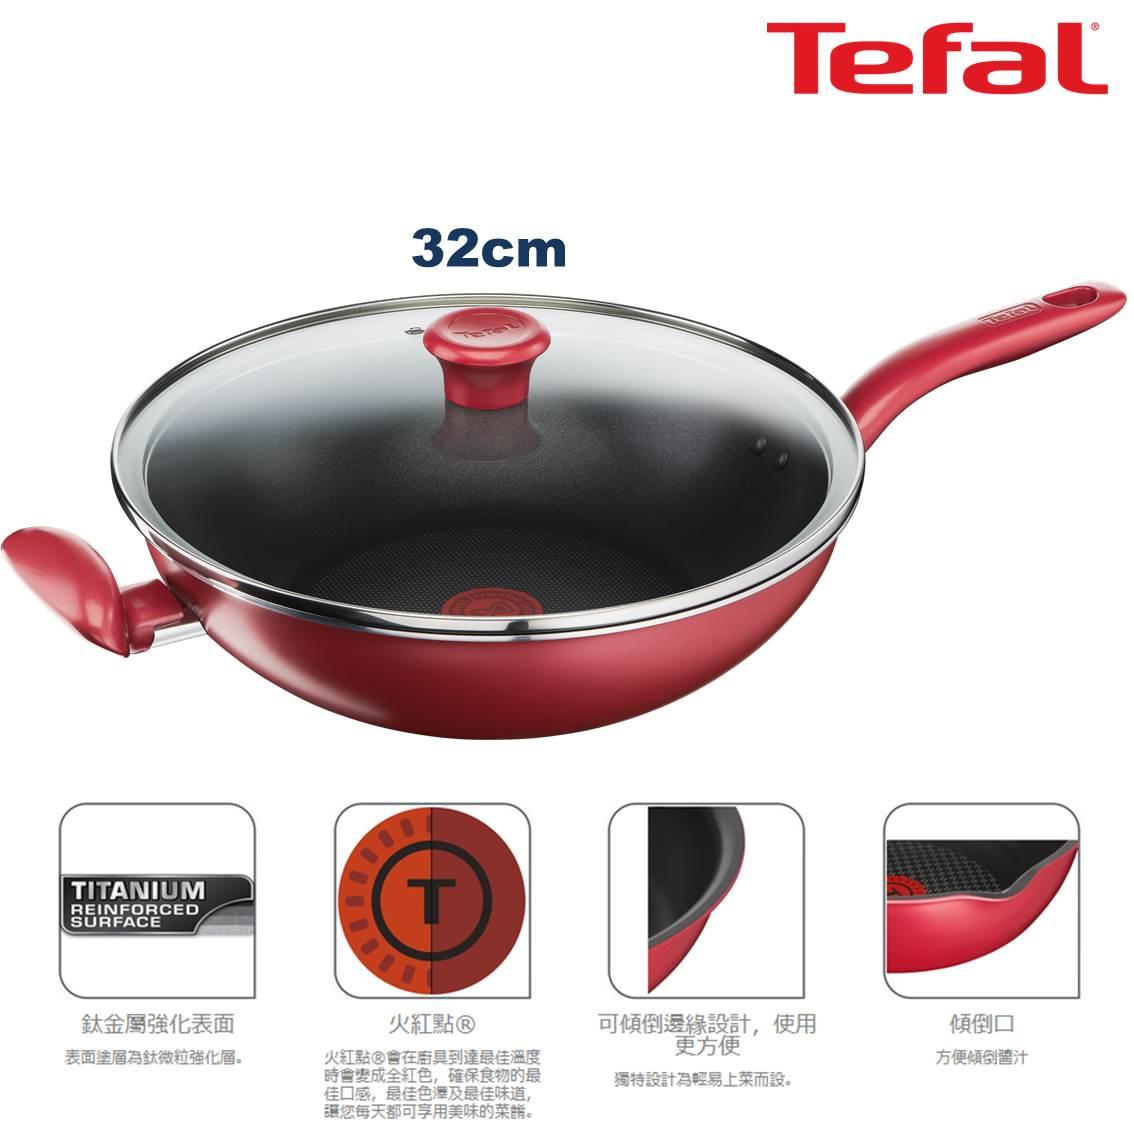 特福雅致紅32cm炒鍋連火紅點及玻璃蓋